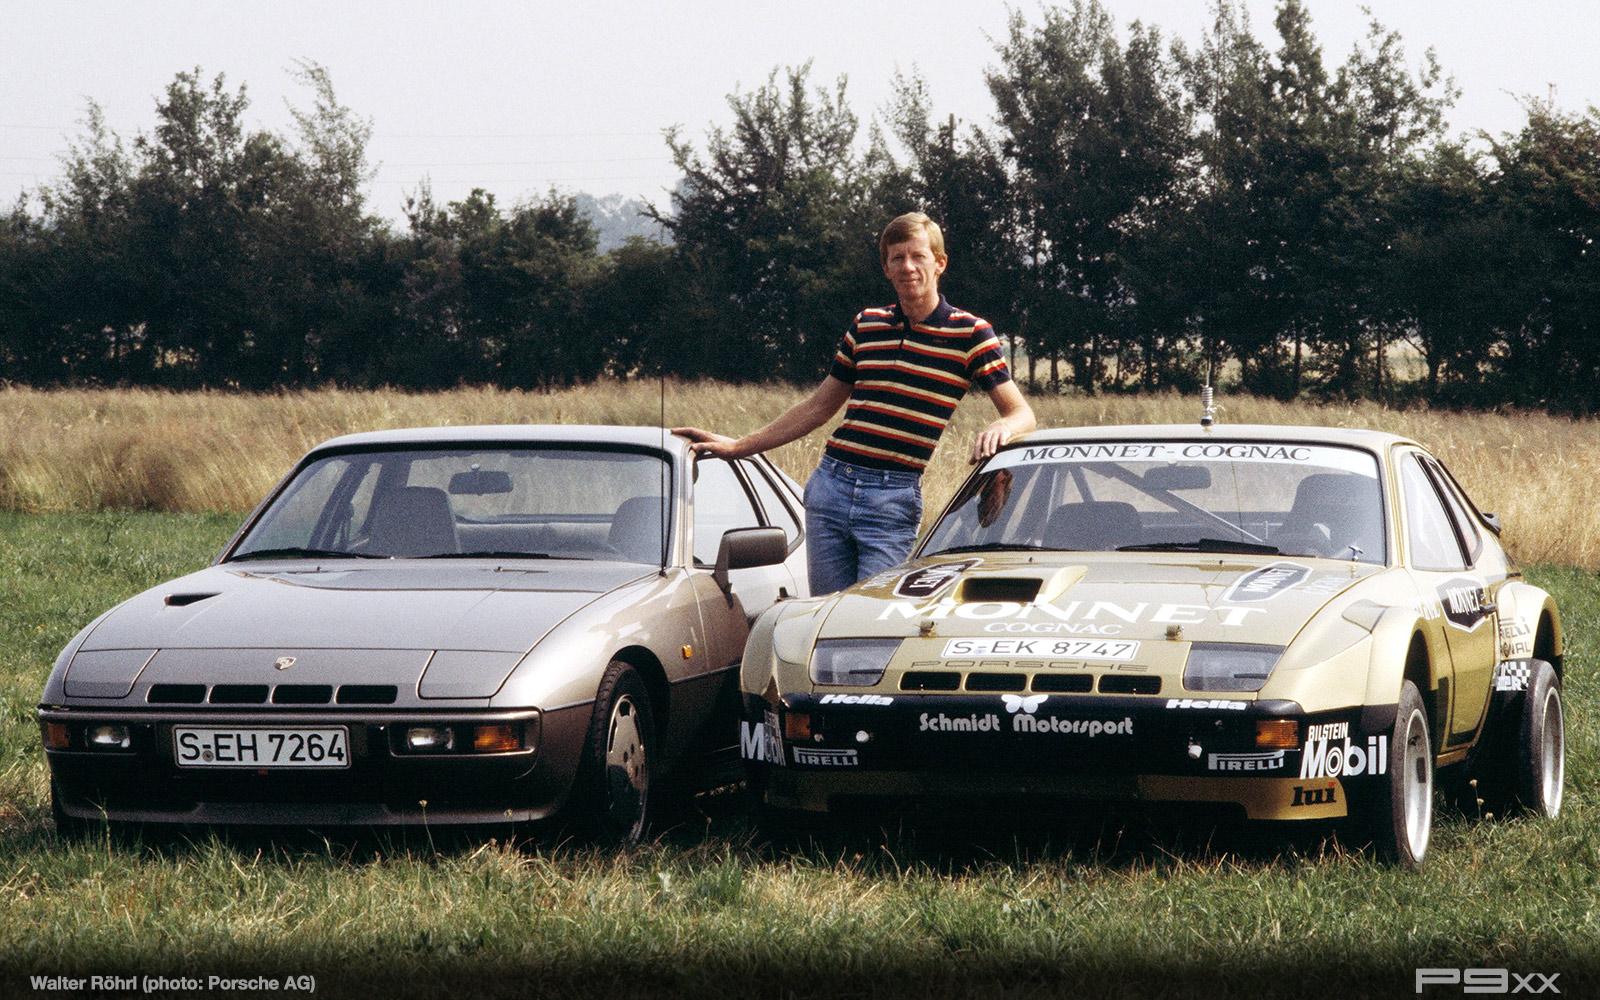 Walter-Rohrl-and-Porsche-618